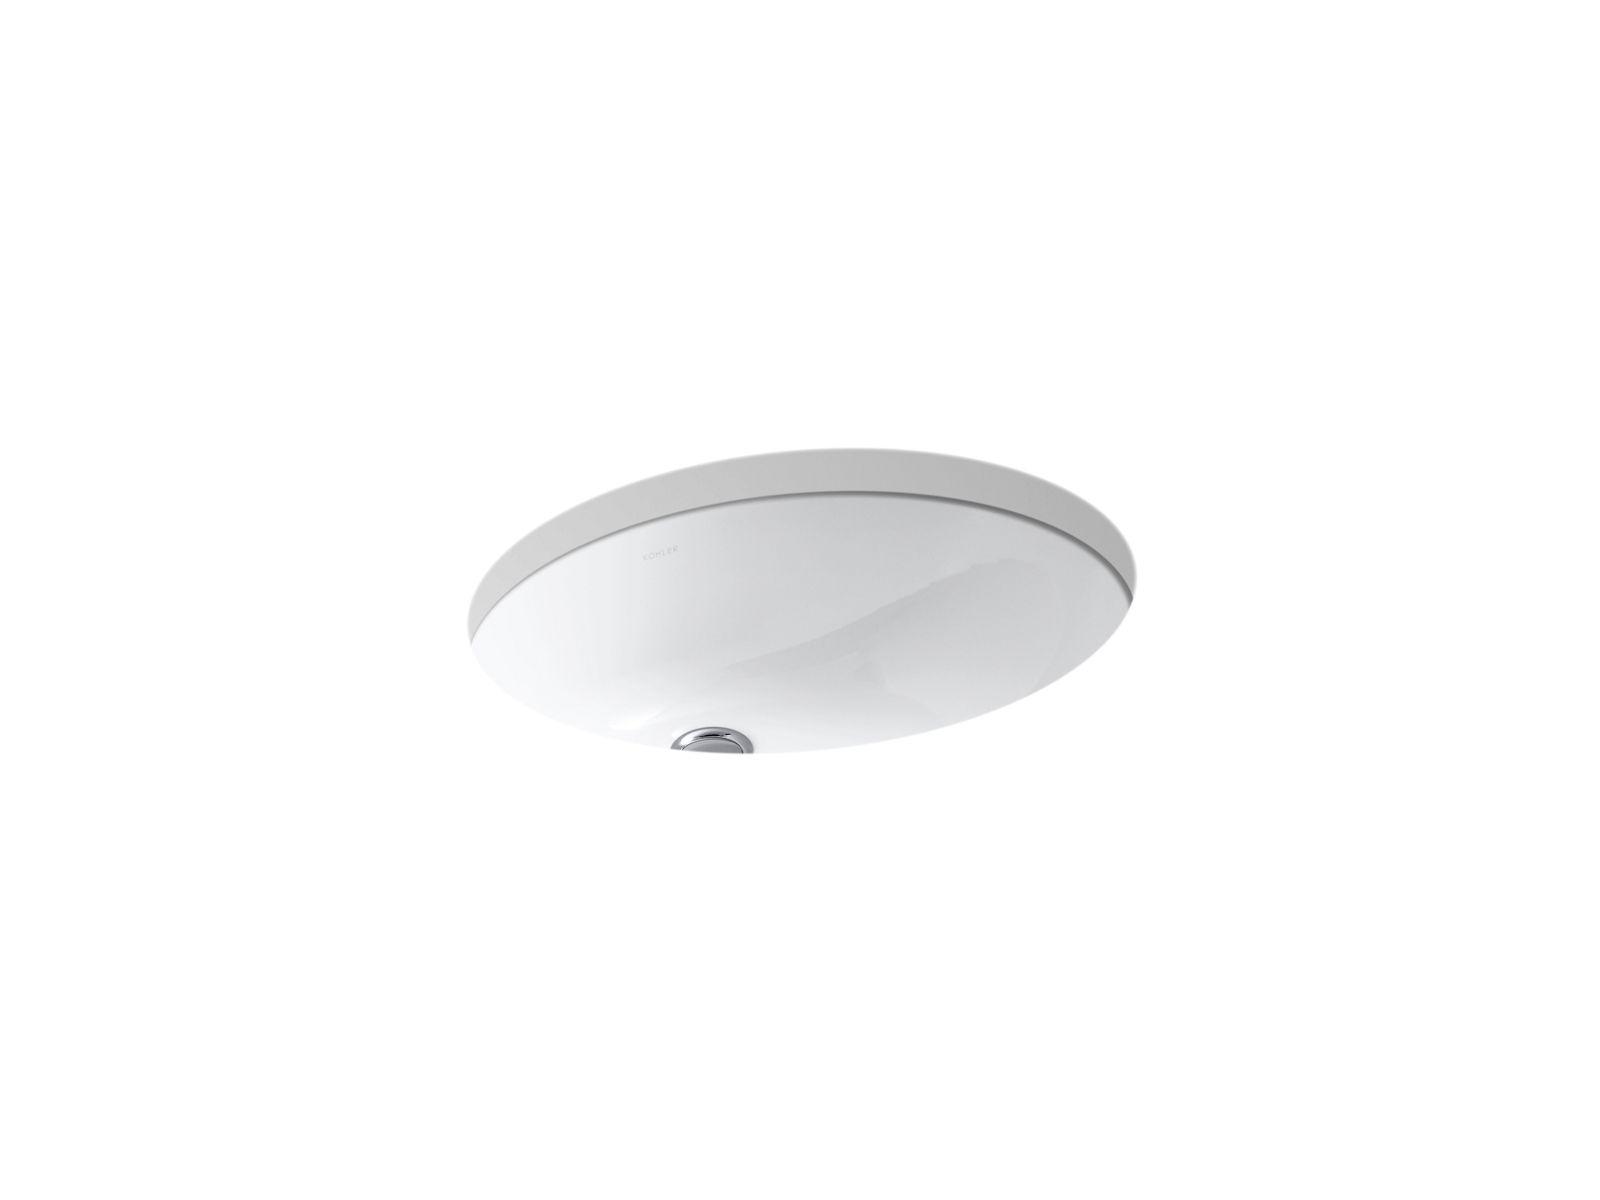 K 2210 | Caxton Undermount Sink, 17 By 14 Inches | KOHLER